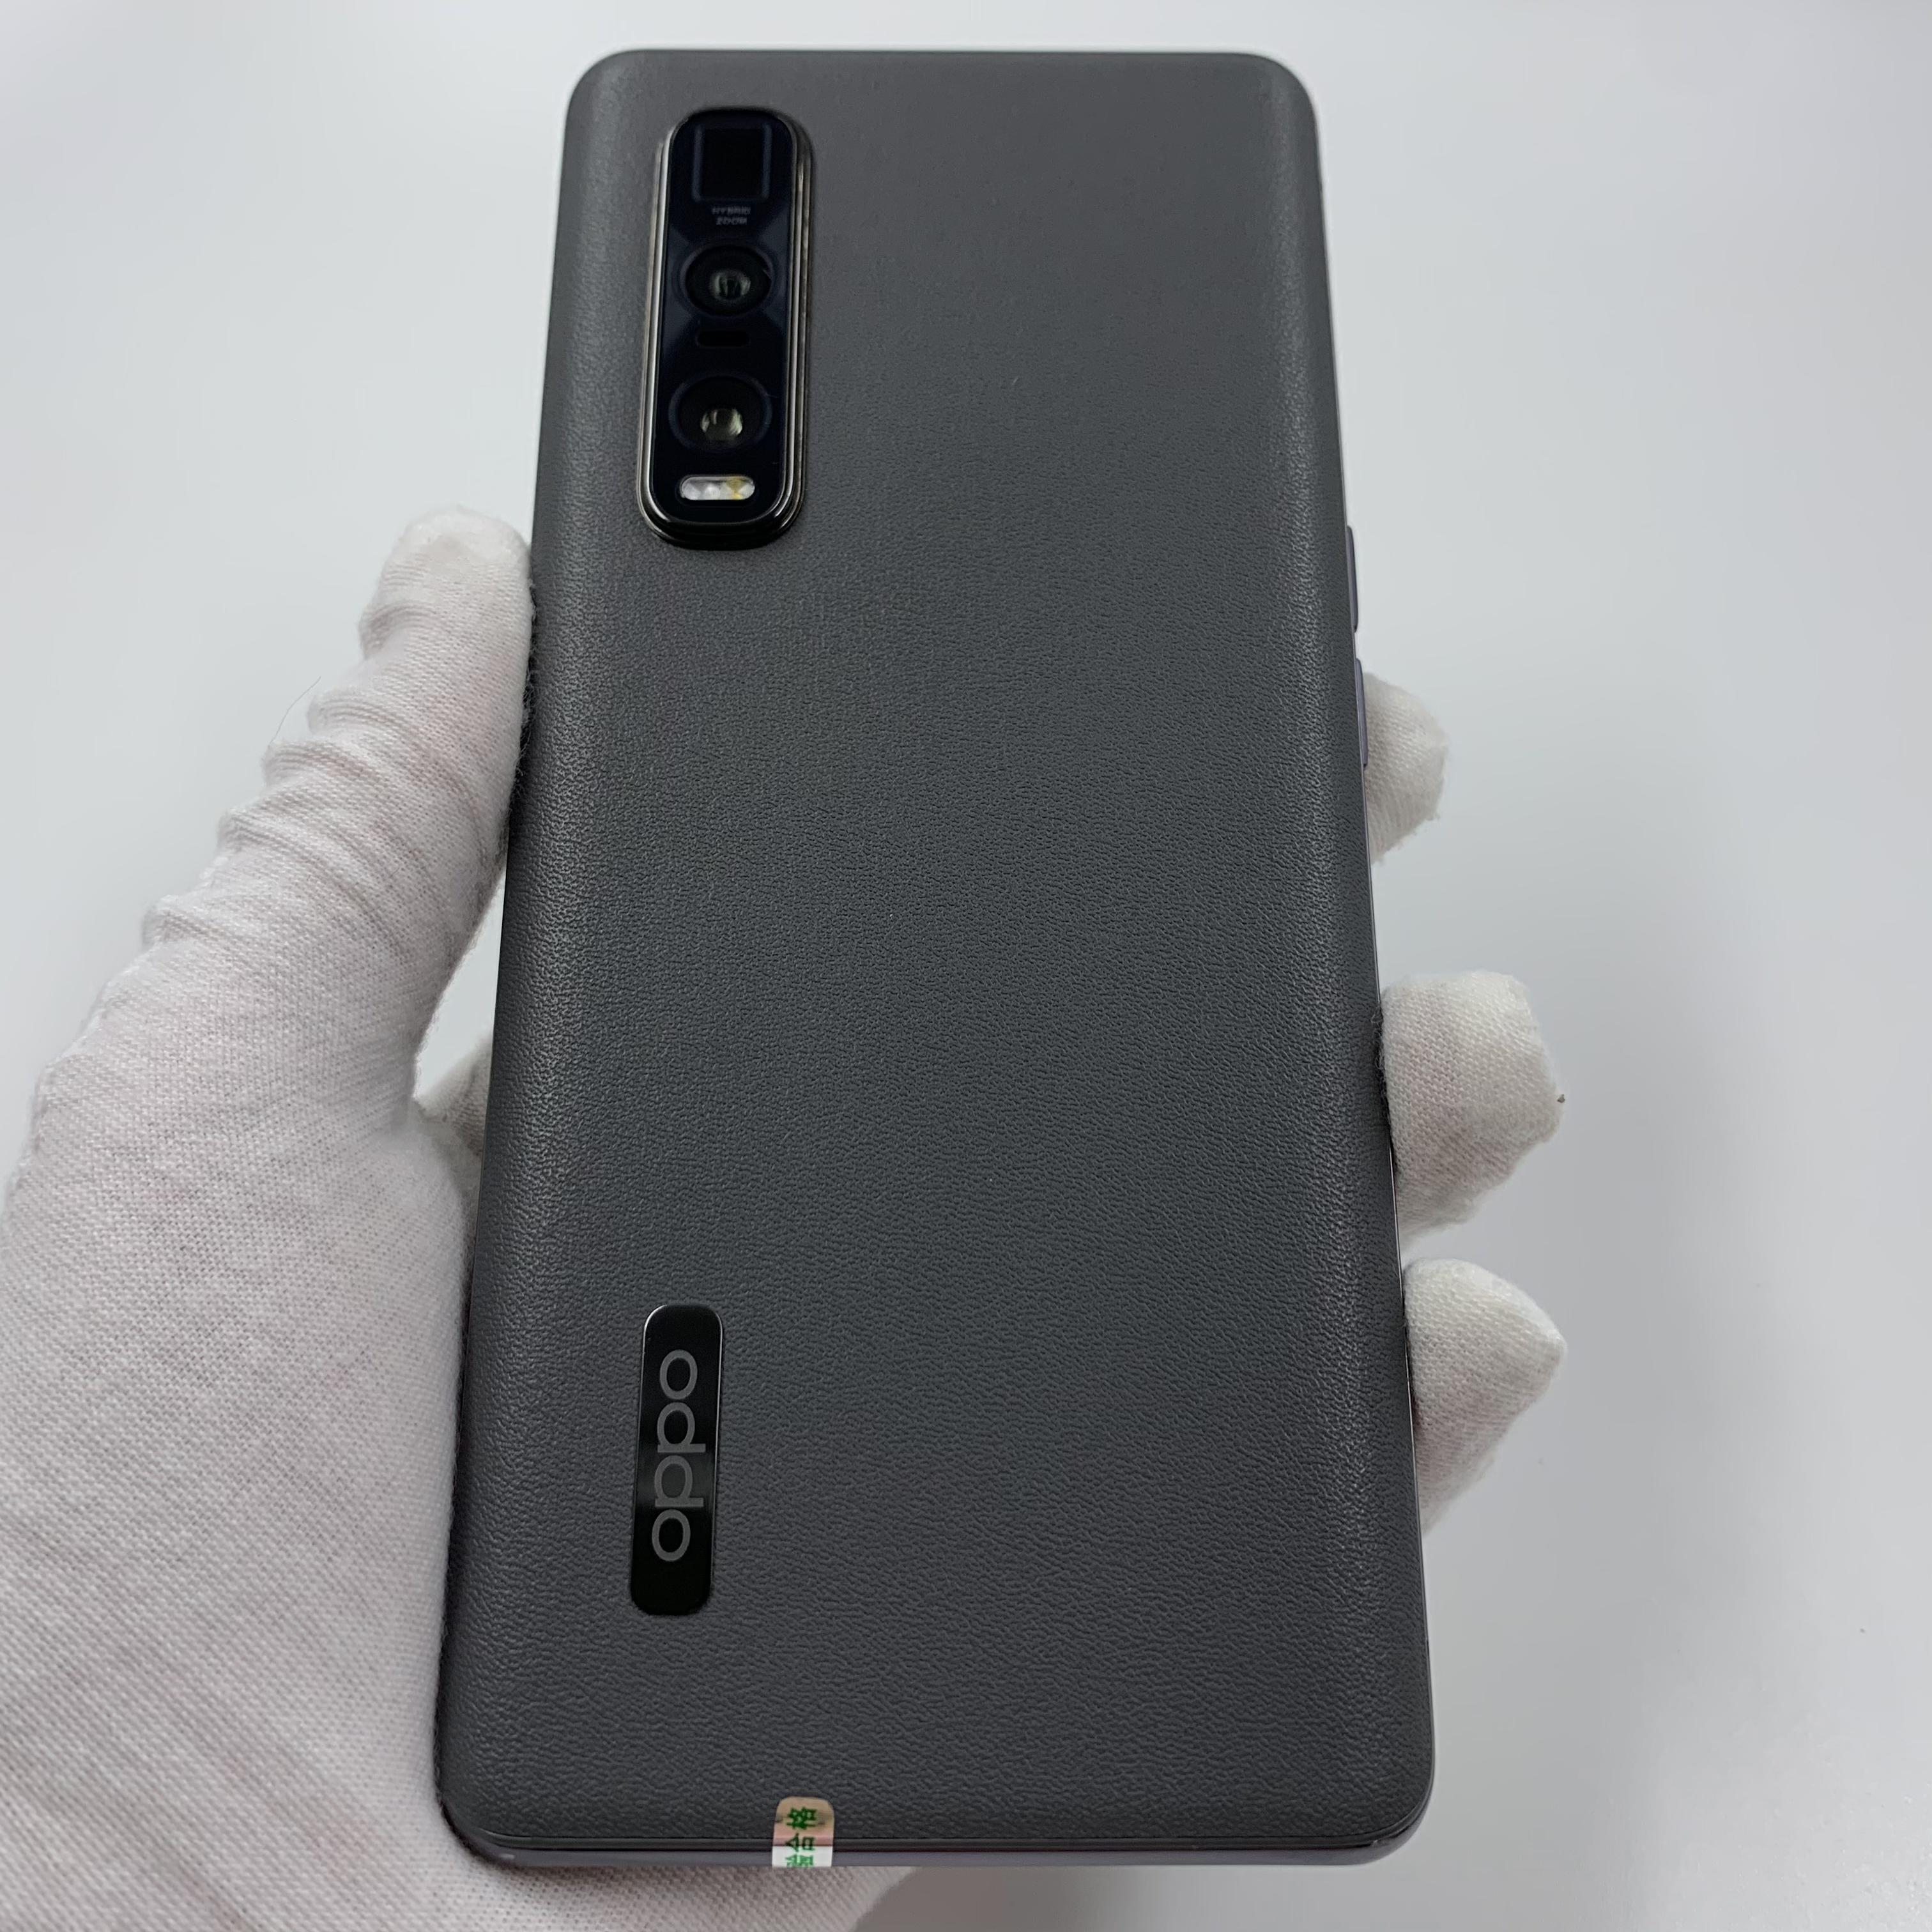 oppo【Find X2 Pro 5G】5G全网通 雅灰 12G/256G 国行 8成新 真机实拍